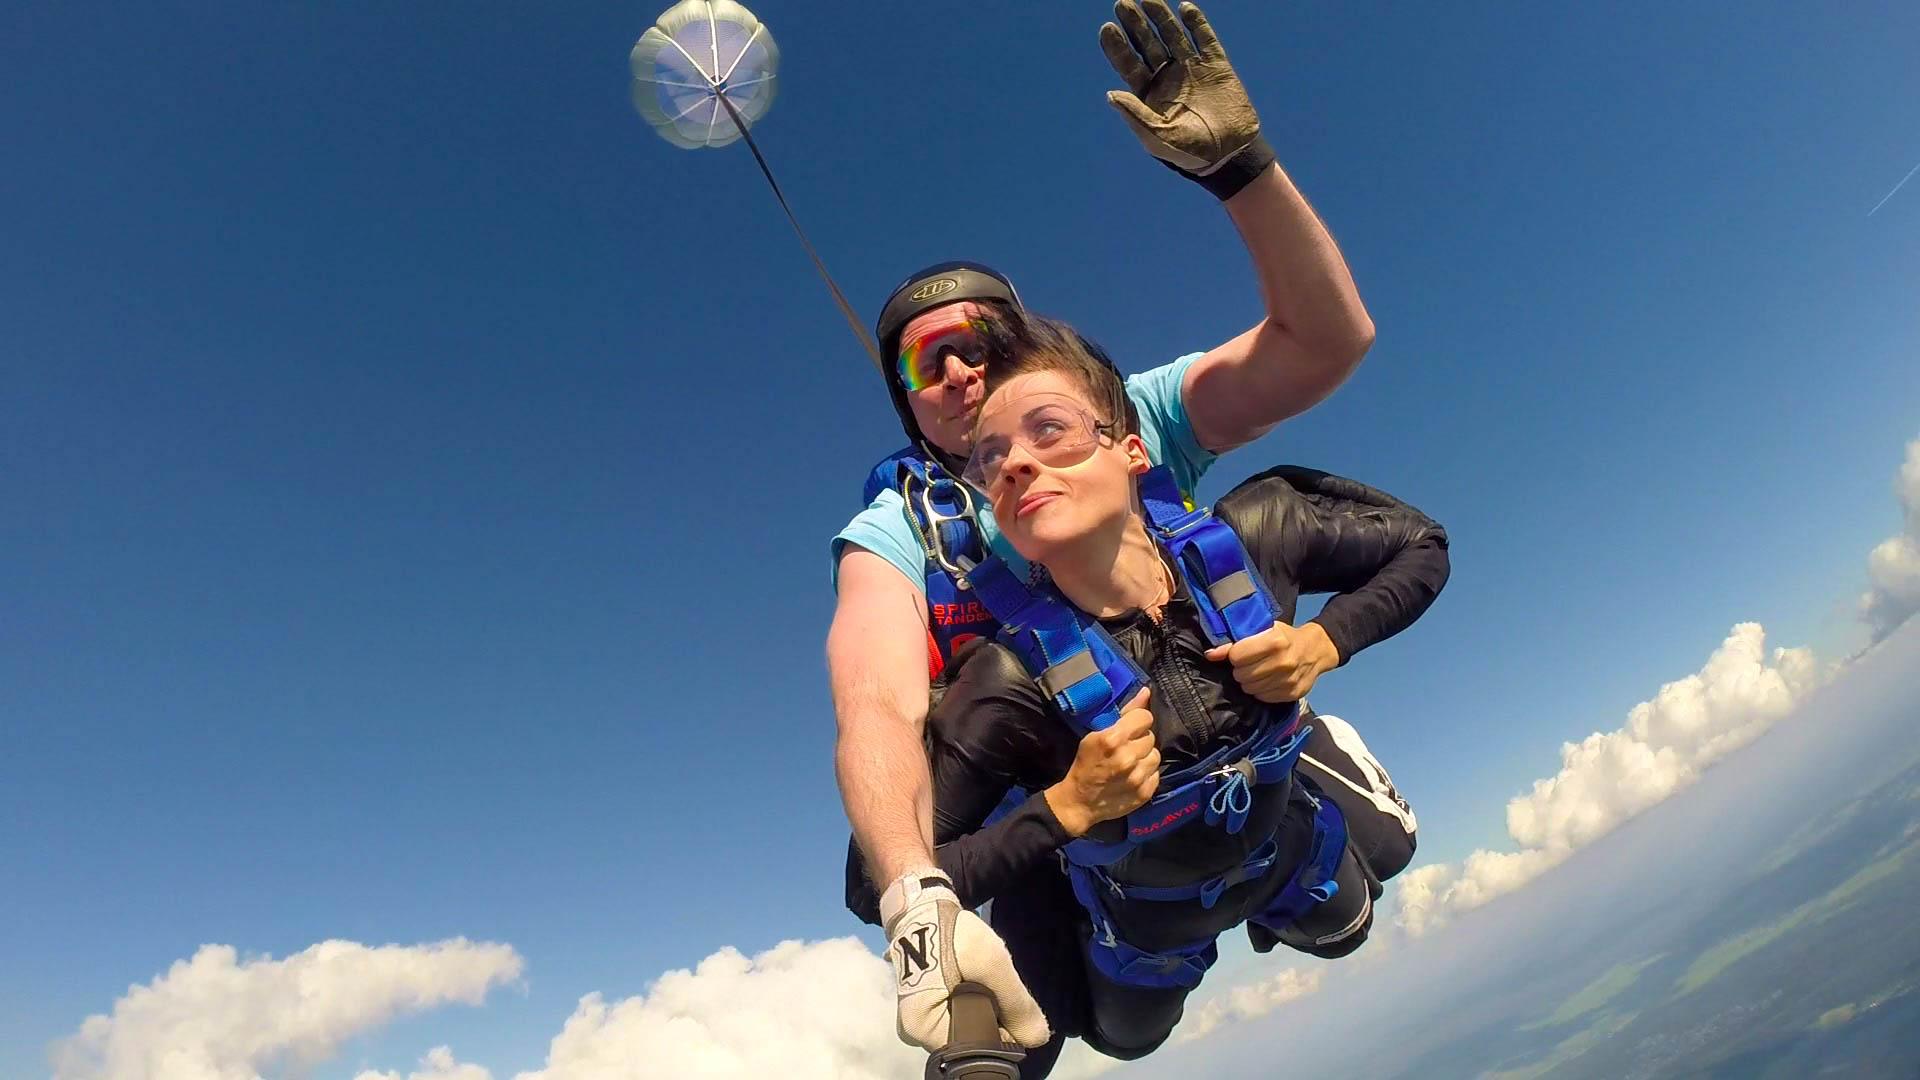 Тандем-Прыжок с высоты 2500-3000 метров